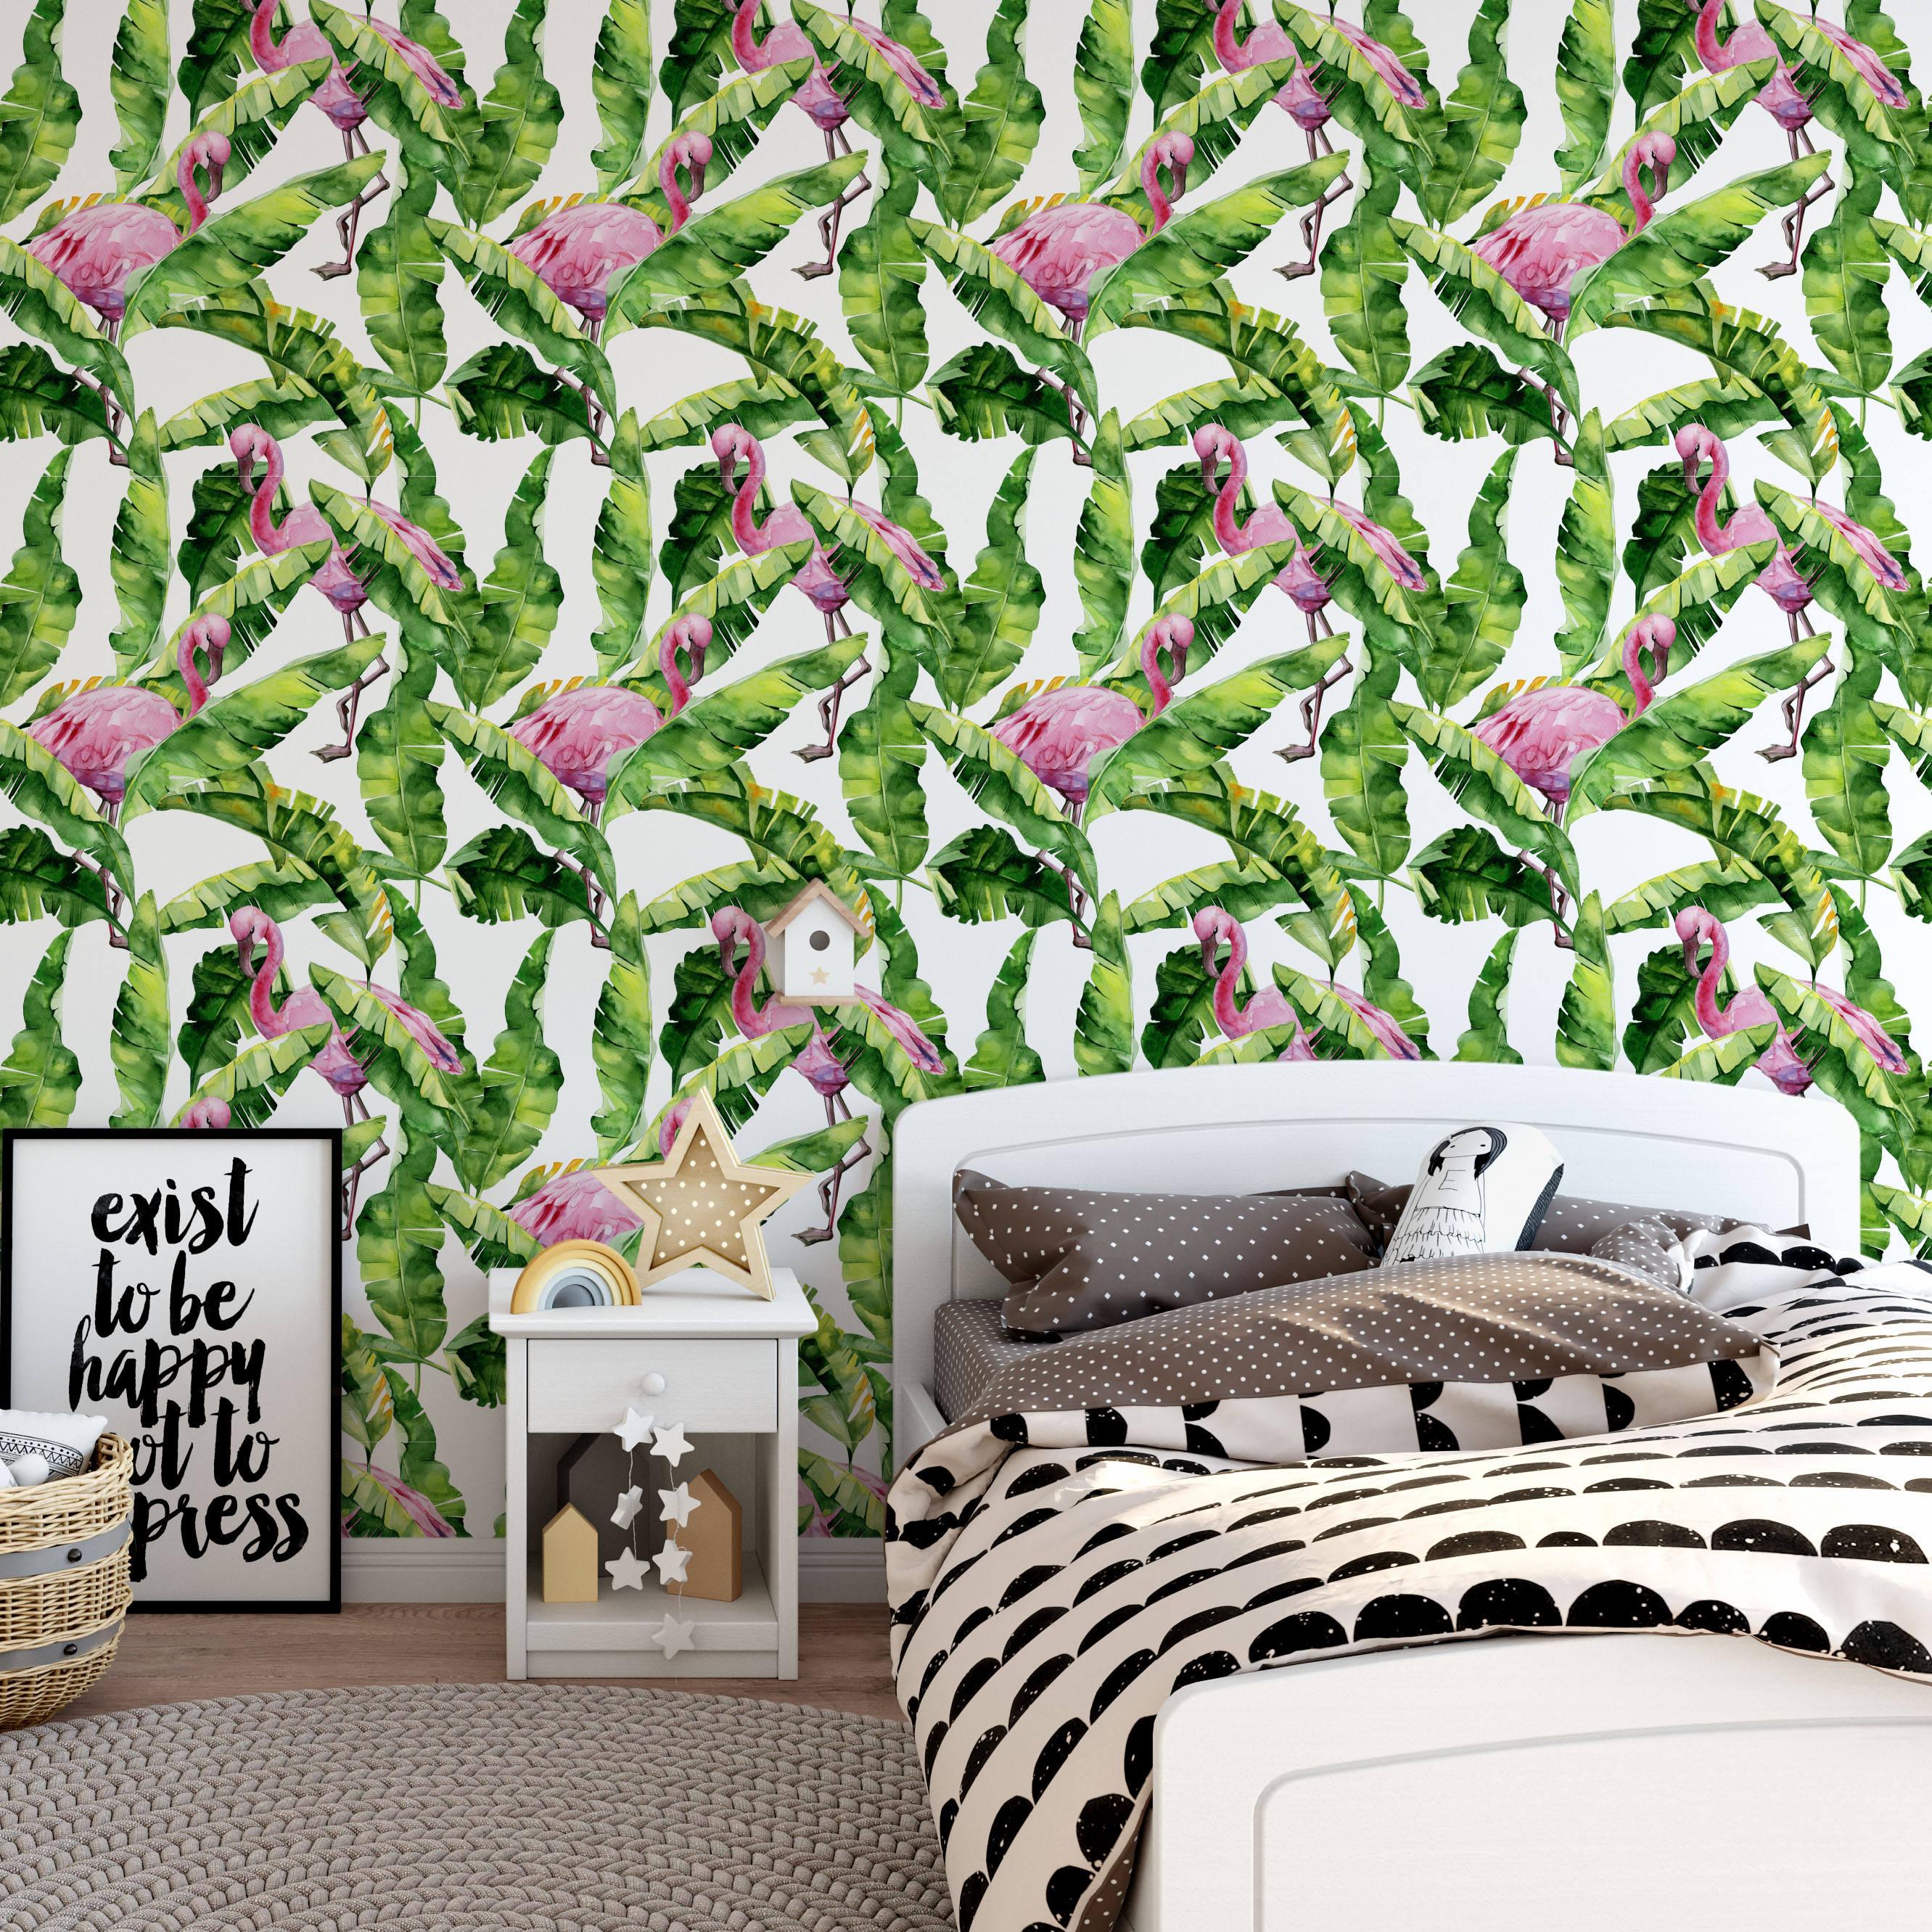 Широко декорация для домашнего <span class=keywords><strong>интерьер</strong></span>а <span class=keywords><strong>Фотограф</strong></span>ии тропический Фламинго наклейки на стену для спальни дома ПВХ обои